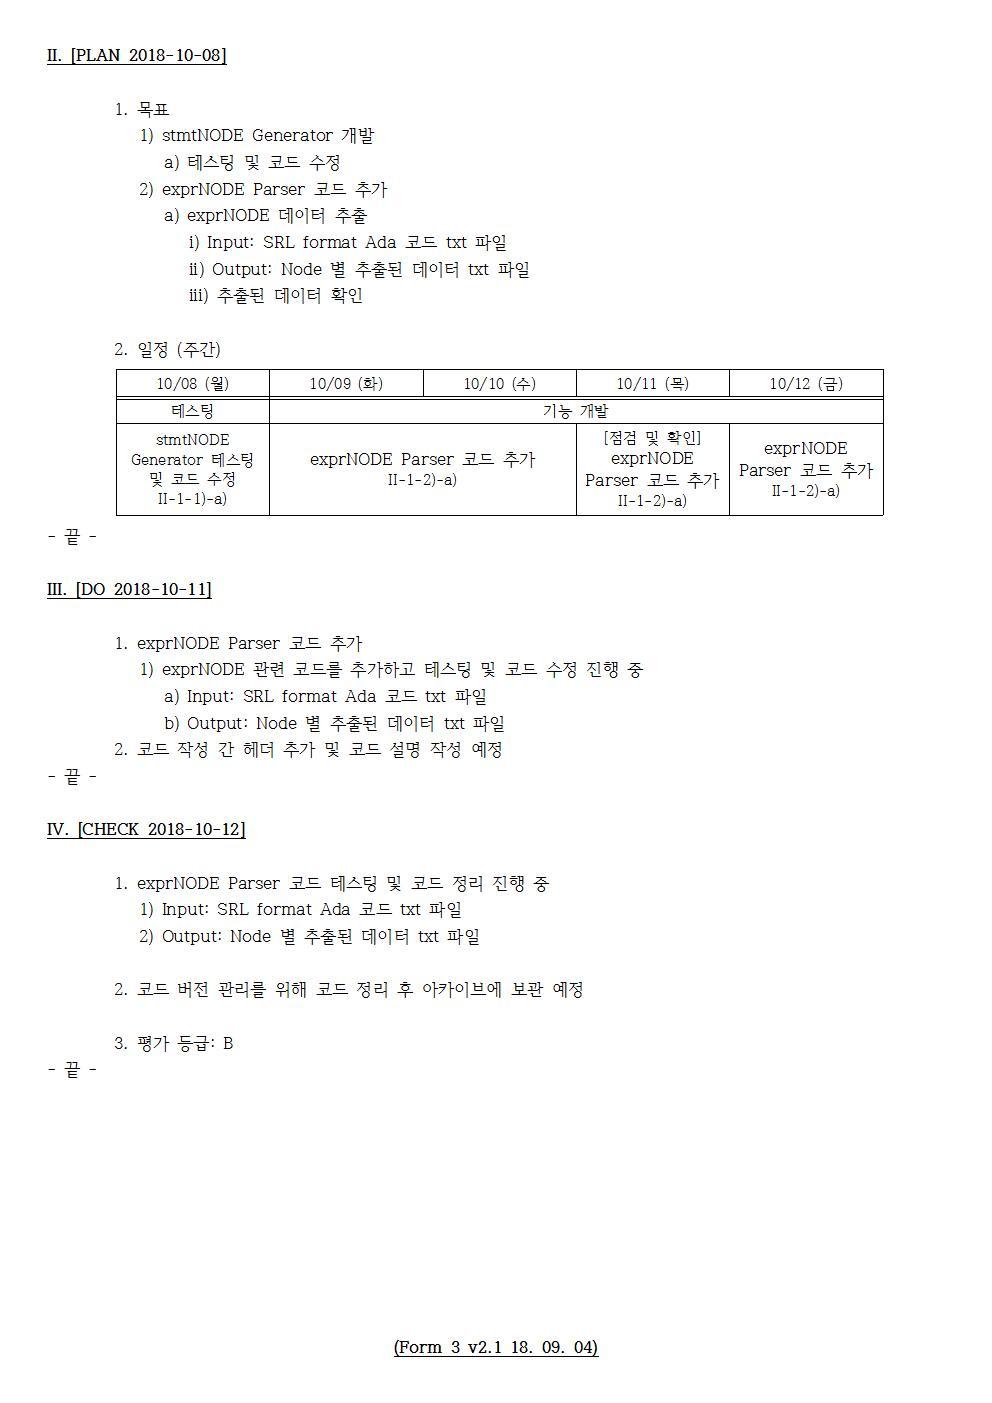 D-[18-003-RD-03]-[SRRE]-[2018-10-12][JS]002.jpg